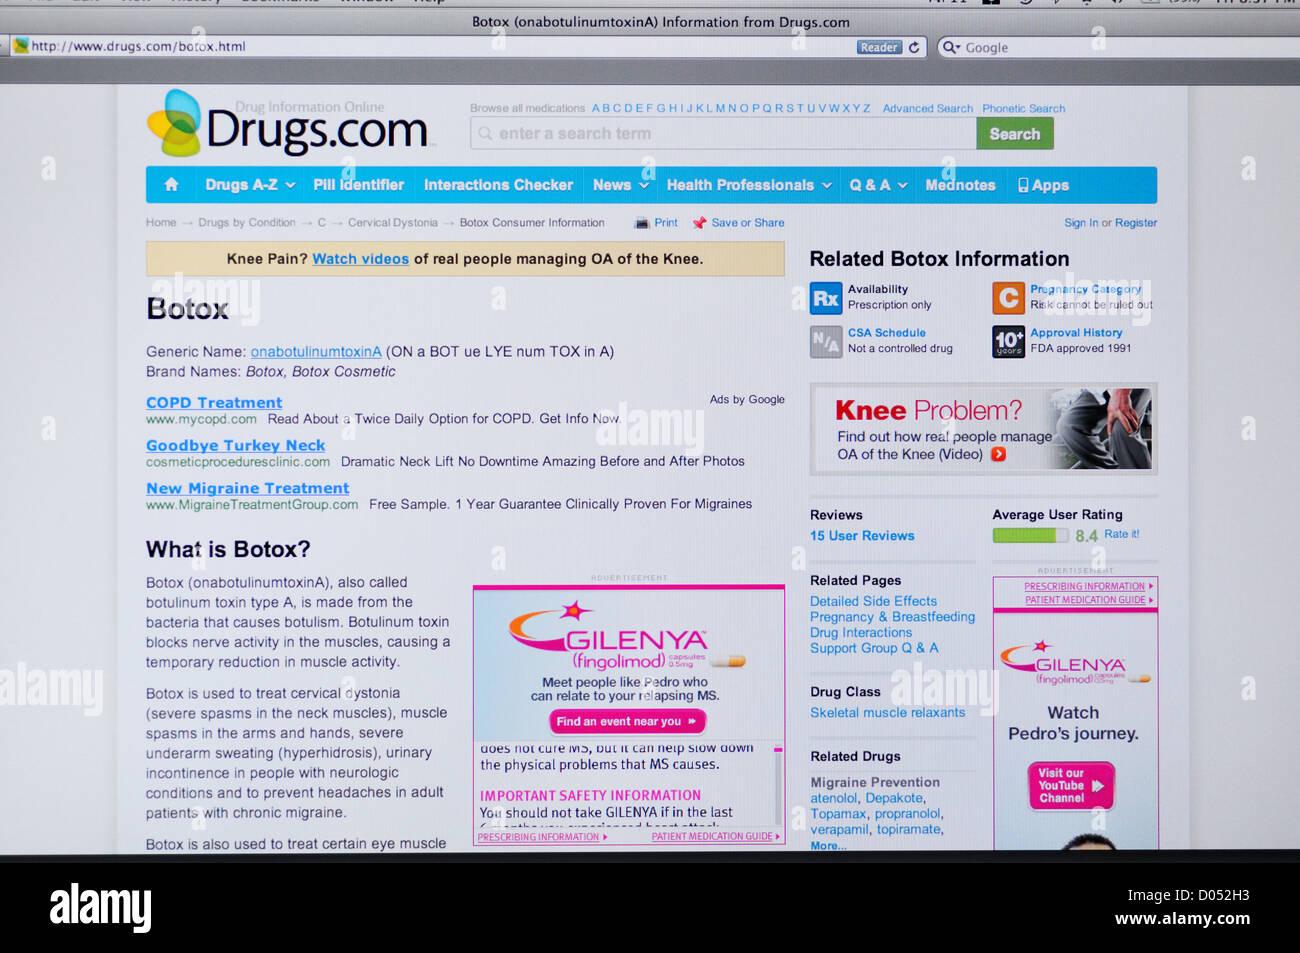 Drugs com website - online drug information Stock Photo: 51742911